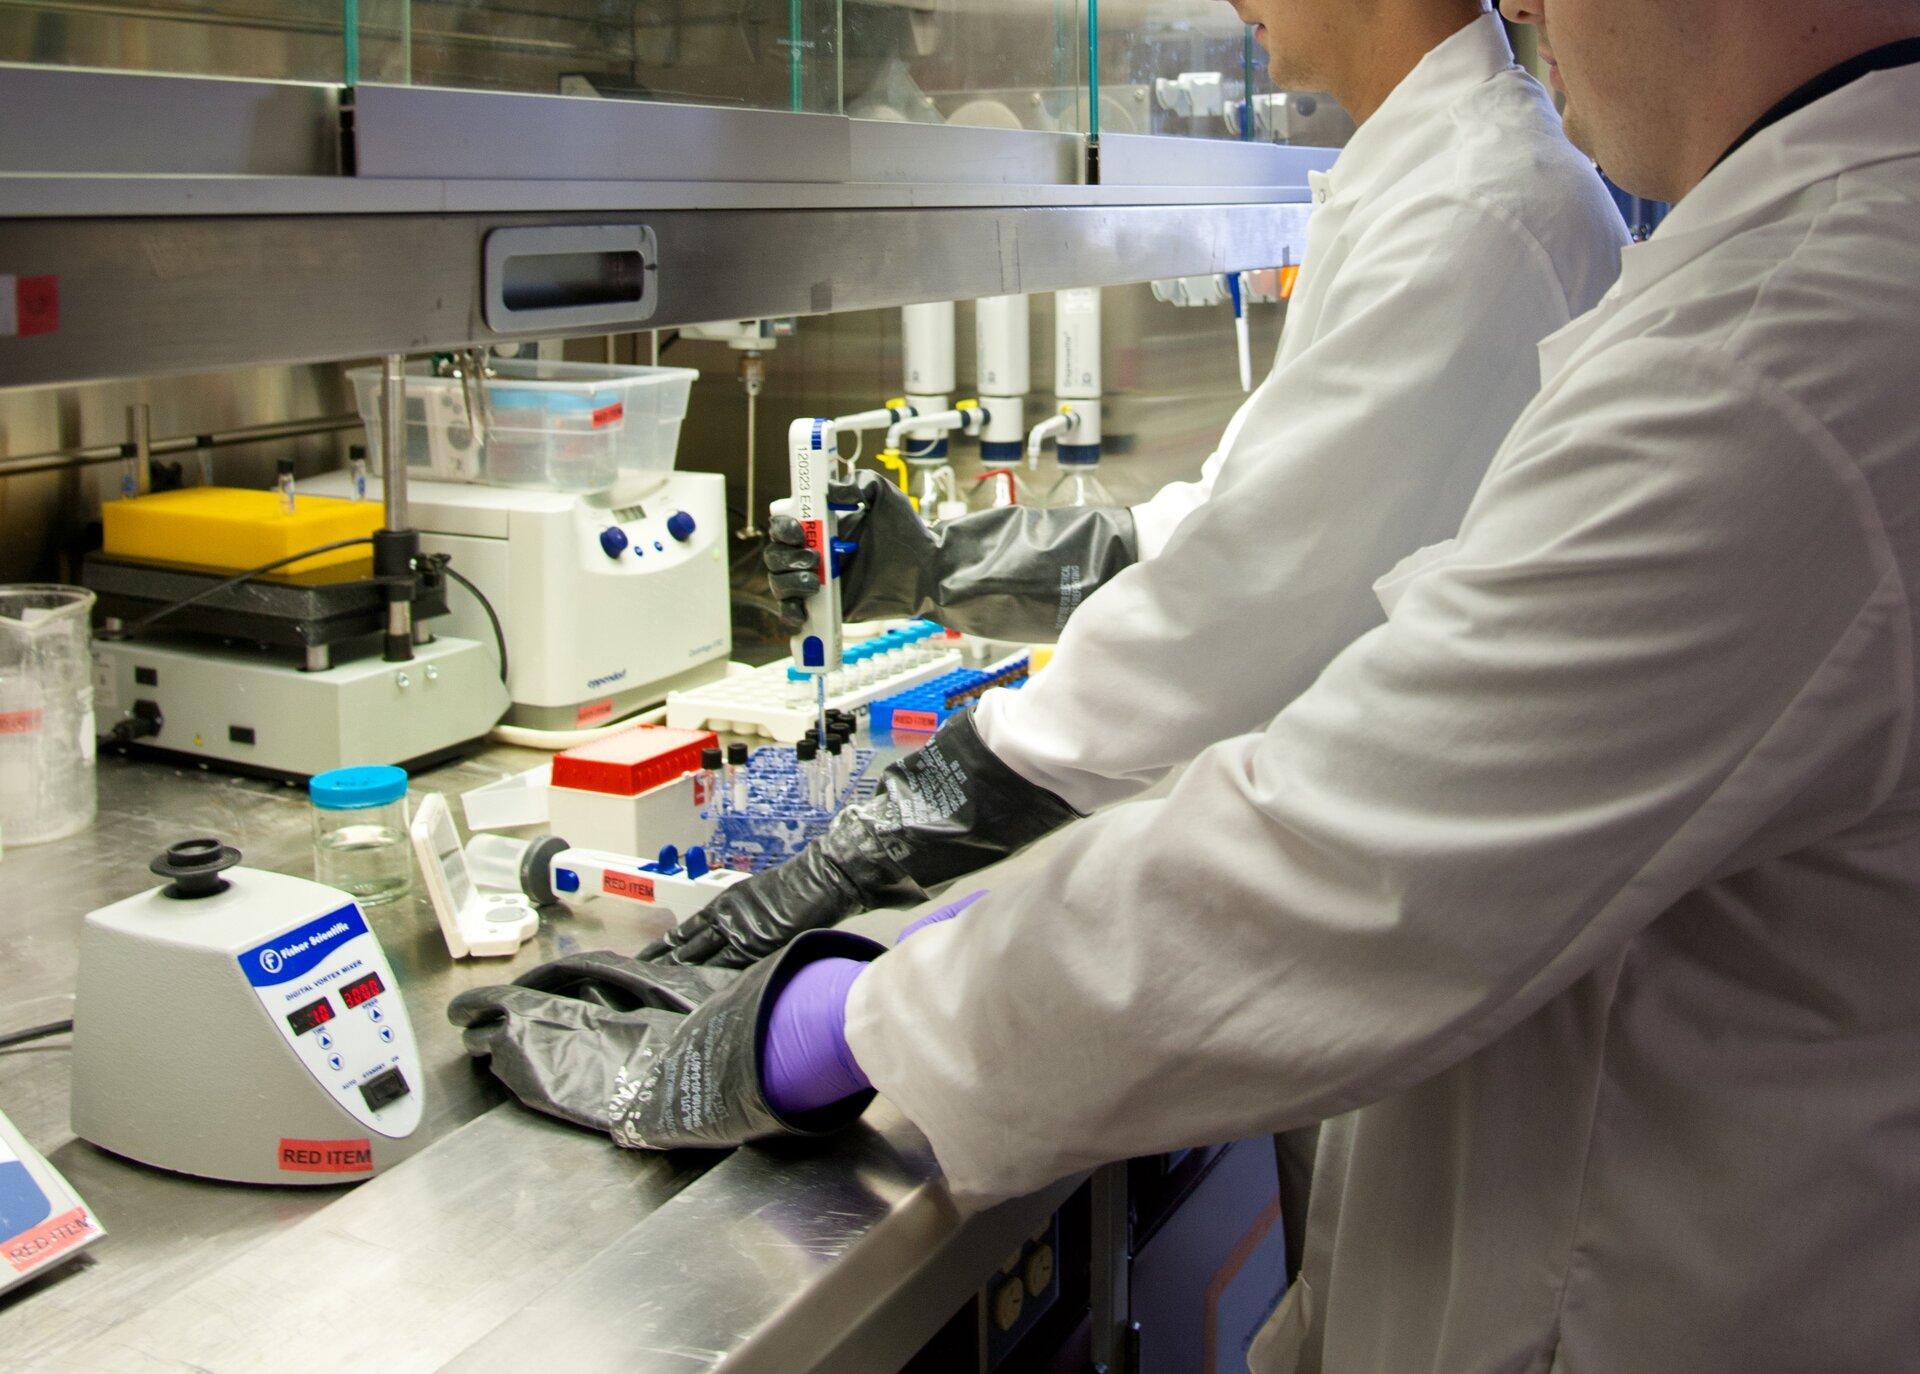 Fotografia przedstawia wnętrze laboratorium. Na metalowym stole znajdują się różne urządzenia iodczynniki. Są tu dwie osoby, ubrane wfartuchy igumowe rękawiczki. Jedna przygotowuje próbki do badania, adruga odczytuje wynik.